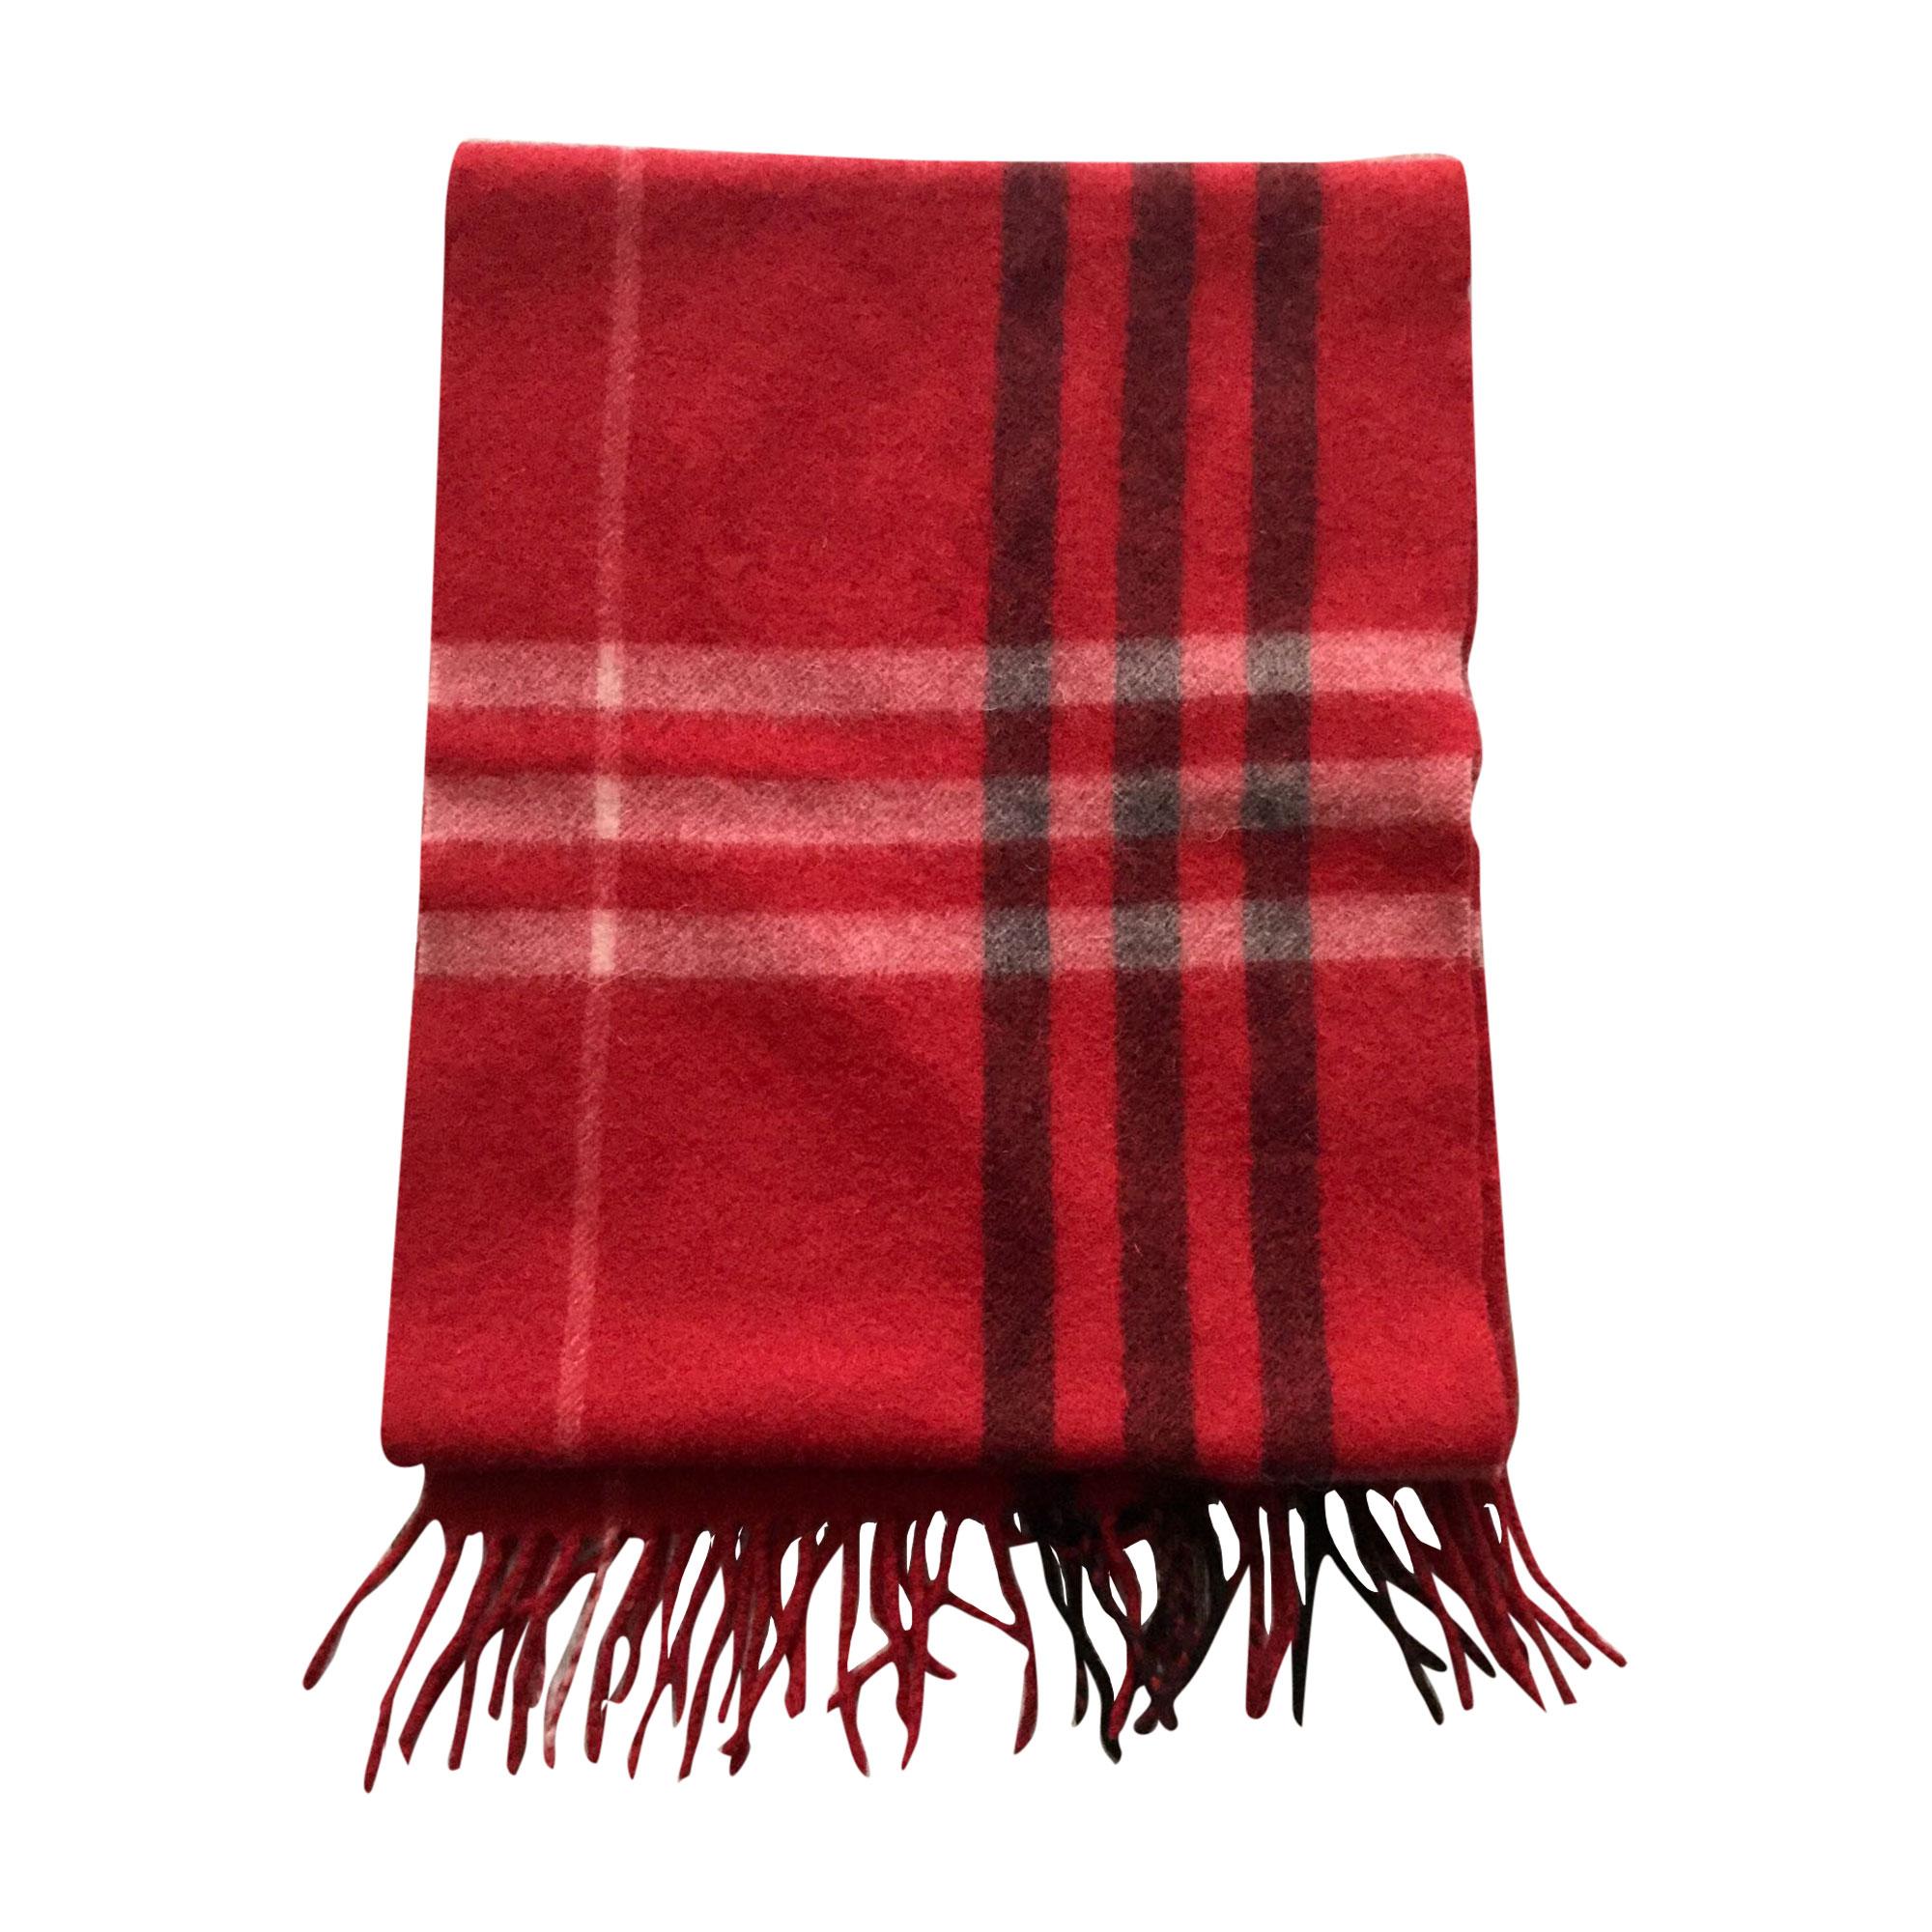 Echarpe BURBERRY rouge vendu par Fredshaved - 7734558 e46d107c070